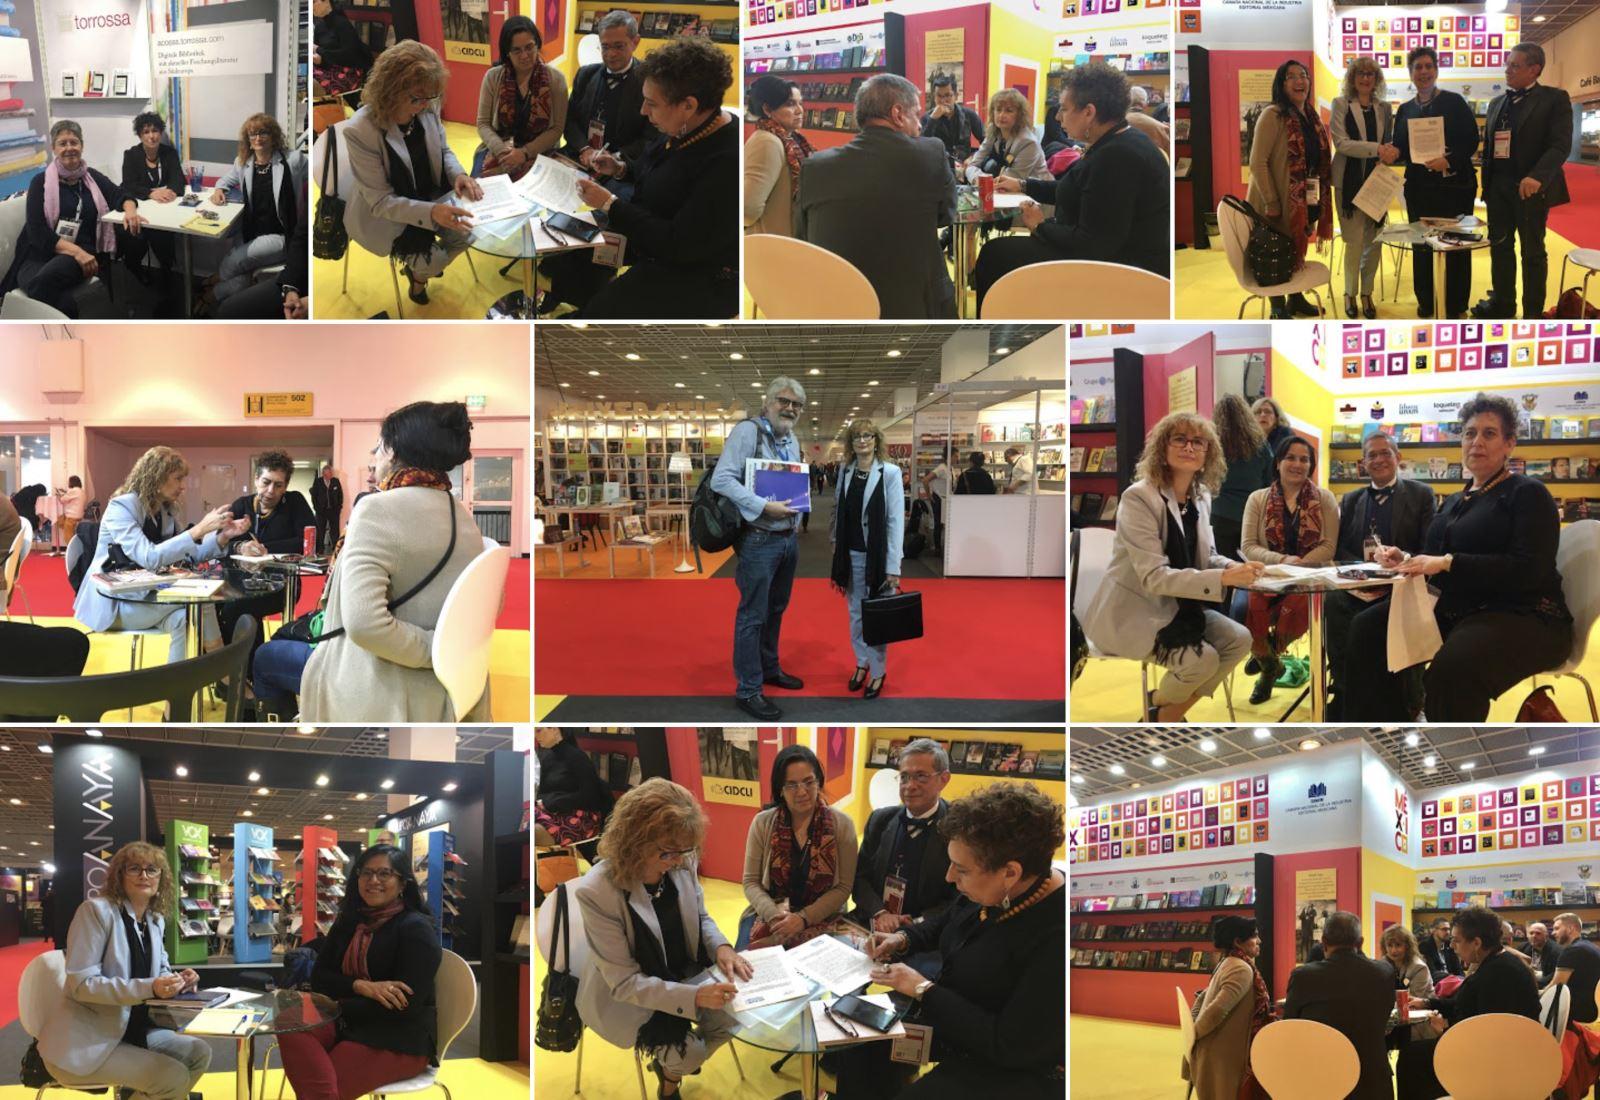 Foto: Imágenes de las reuniones mantenidas por la presidenta de la UNE en la Feria de Frankfurt 2019 /Alejandro Fernández